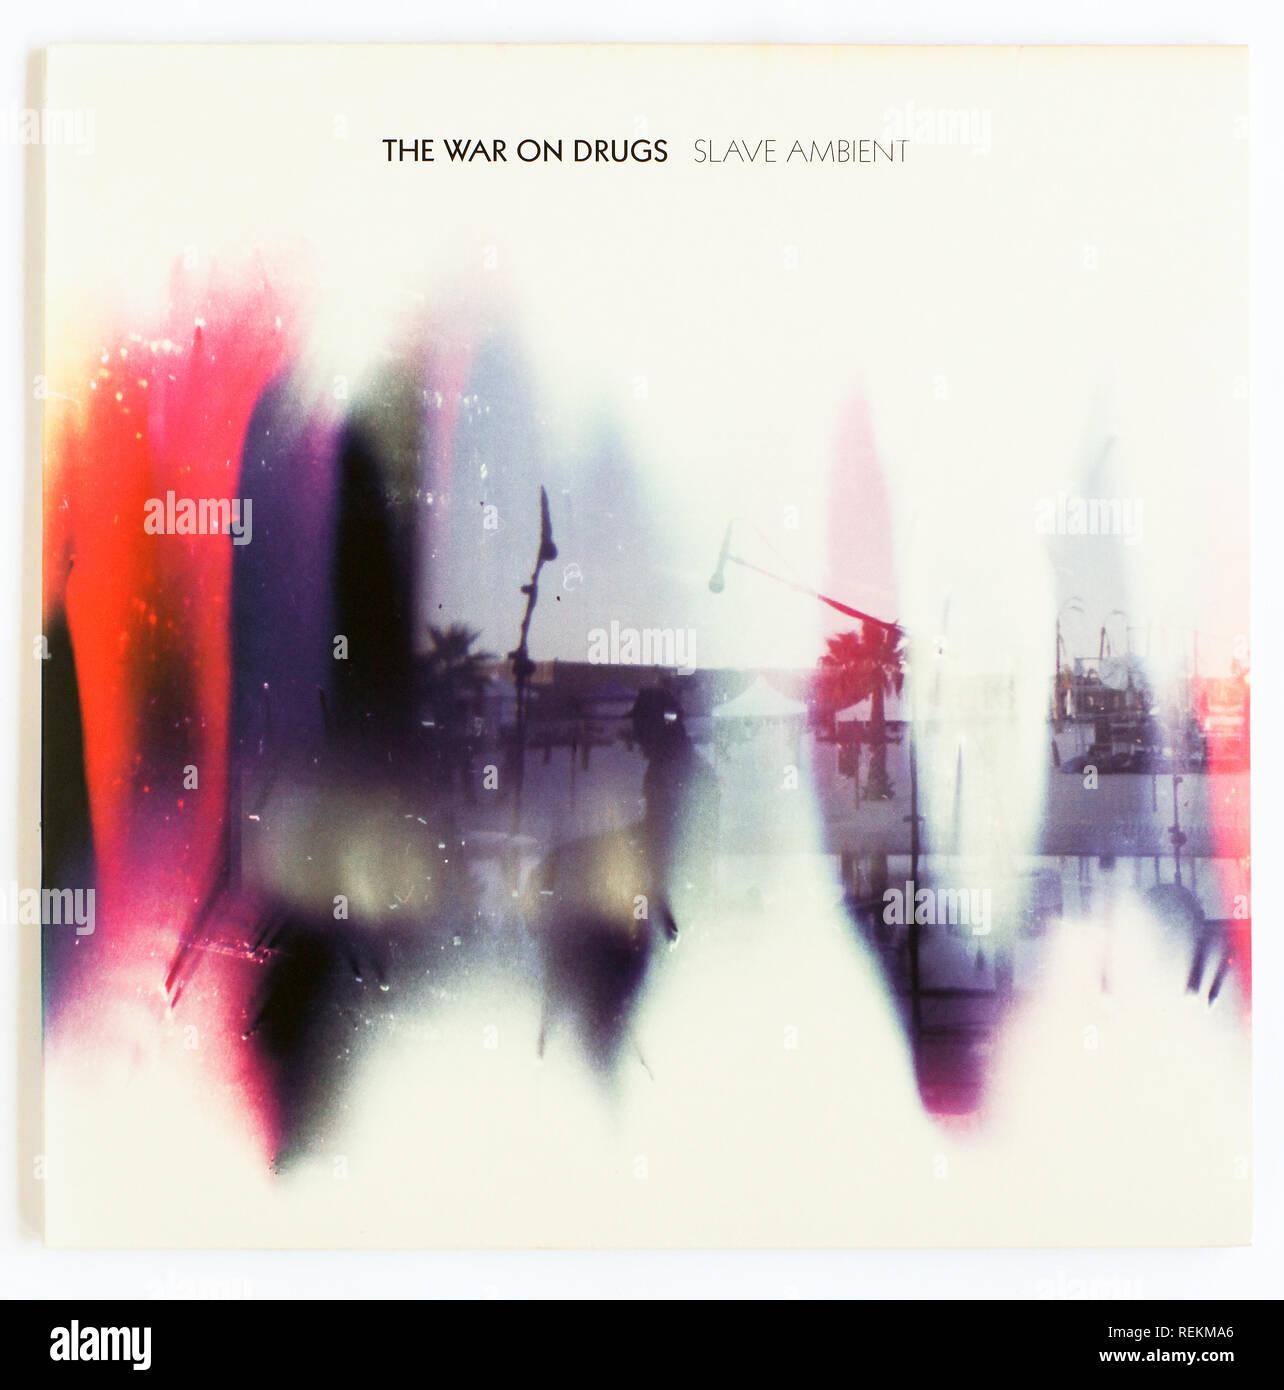 La tapa del ambiente de esclavos por la Guerra Contra las Drogas. 2011 álbum en secreto los registros de Canadá Imagen De Stock